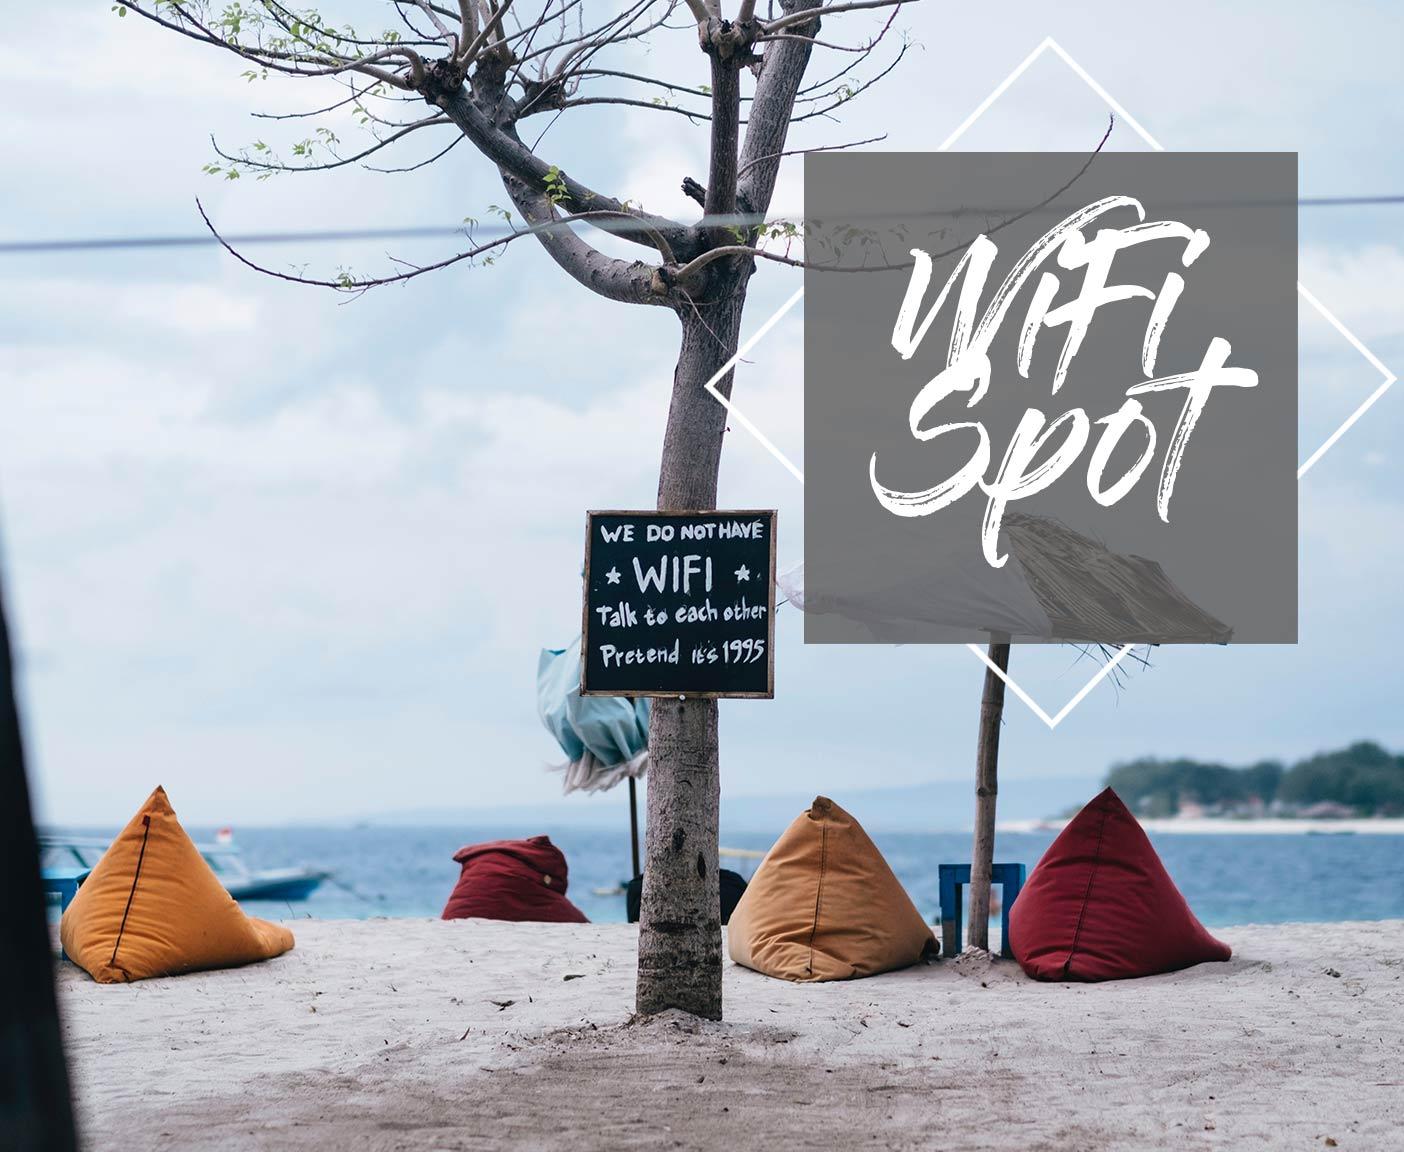 Frankreich-Prepaid-karte-orange-anbieter-sim-günstigste-umts-2019-handy-internet-frankreich